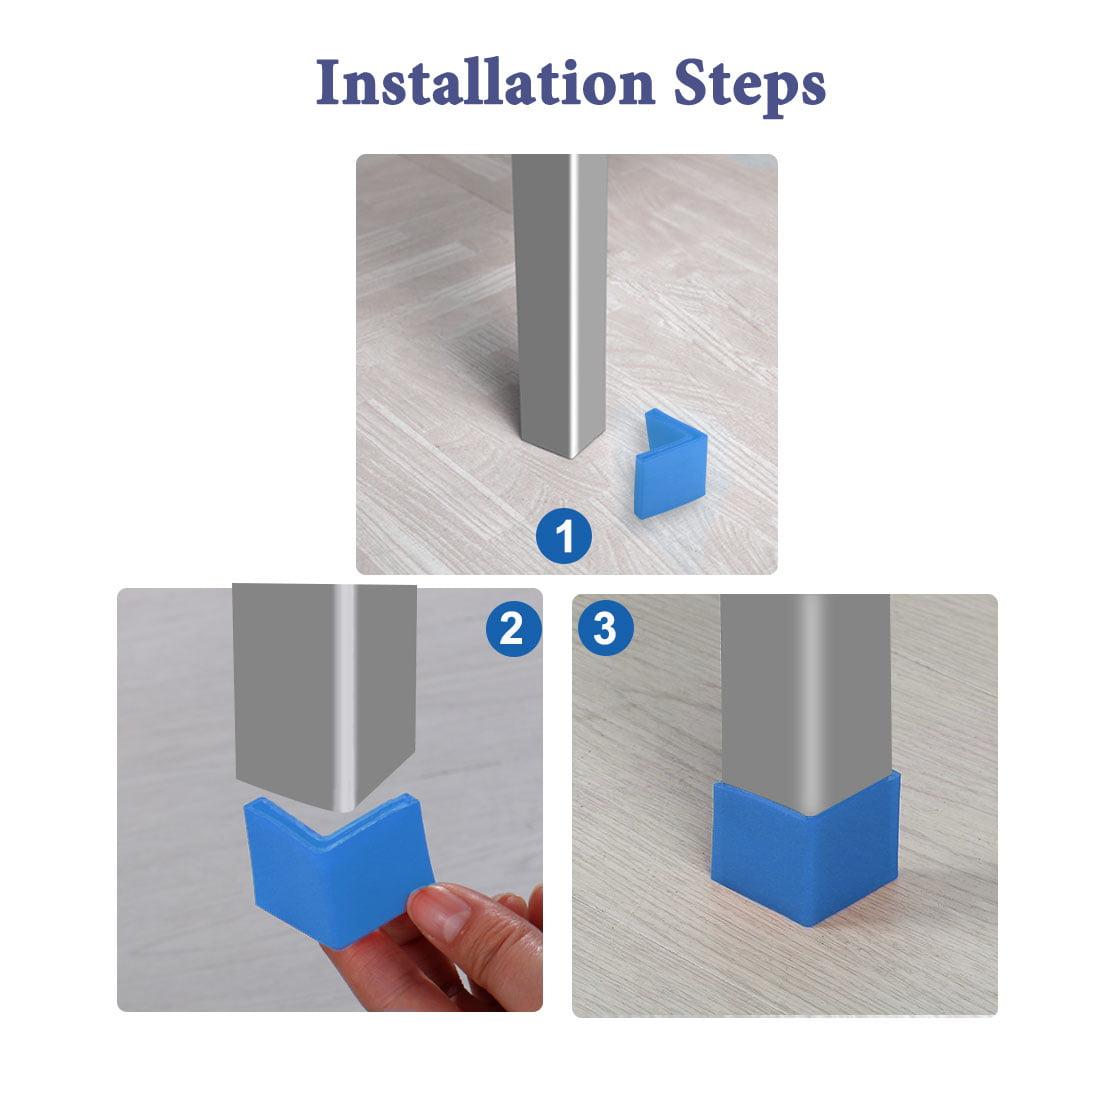 40mm x 40mm Angle Iron Foot Pad L Shaped PVC Leg Cap Floor Protector Blue 12 Pcs - image 3 de 7